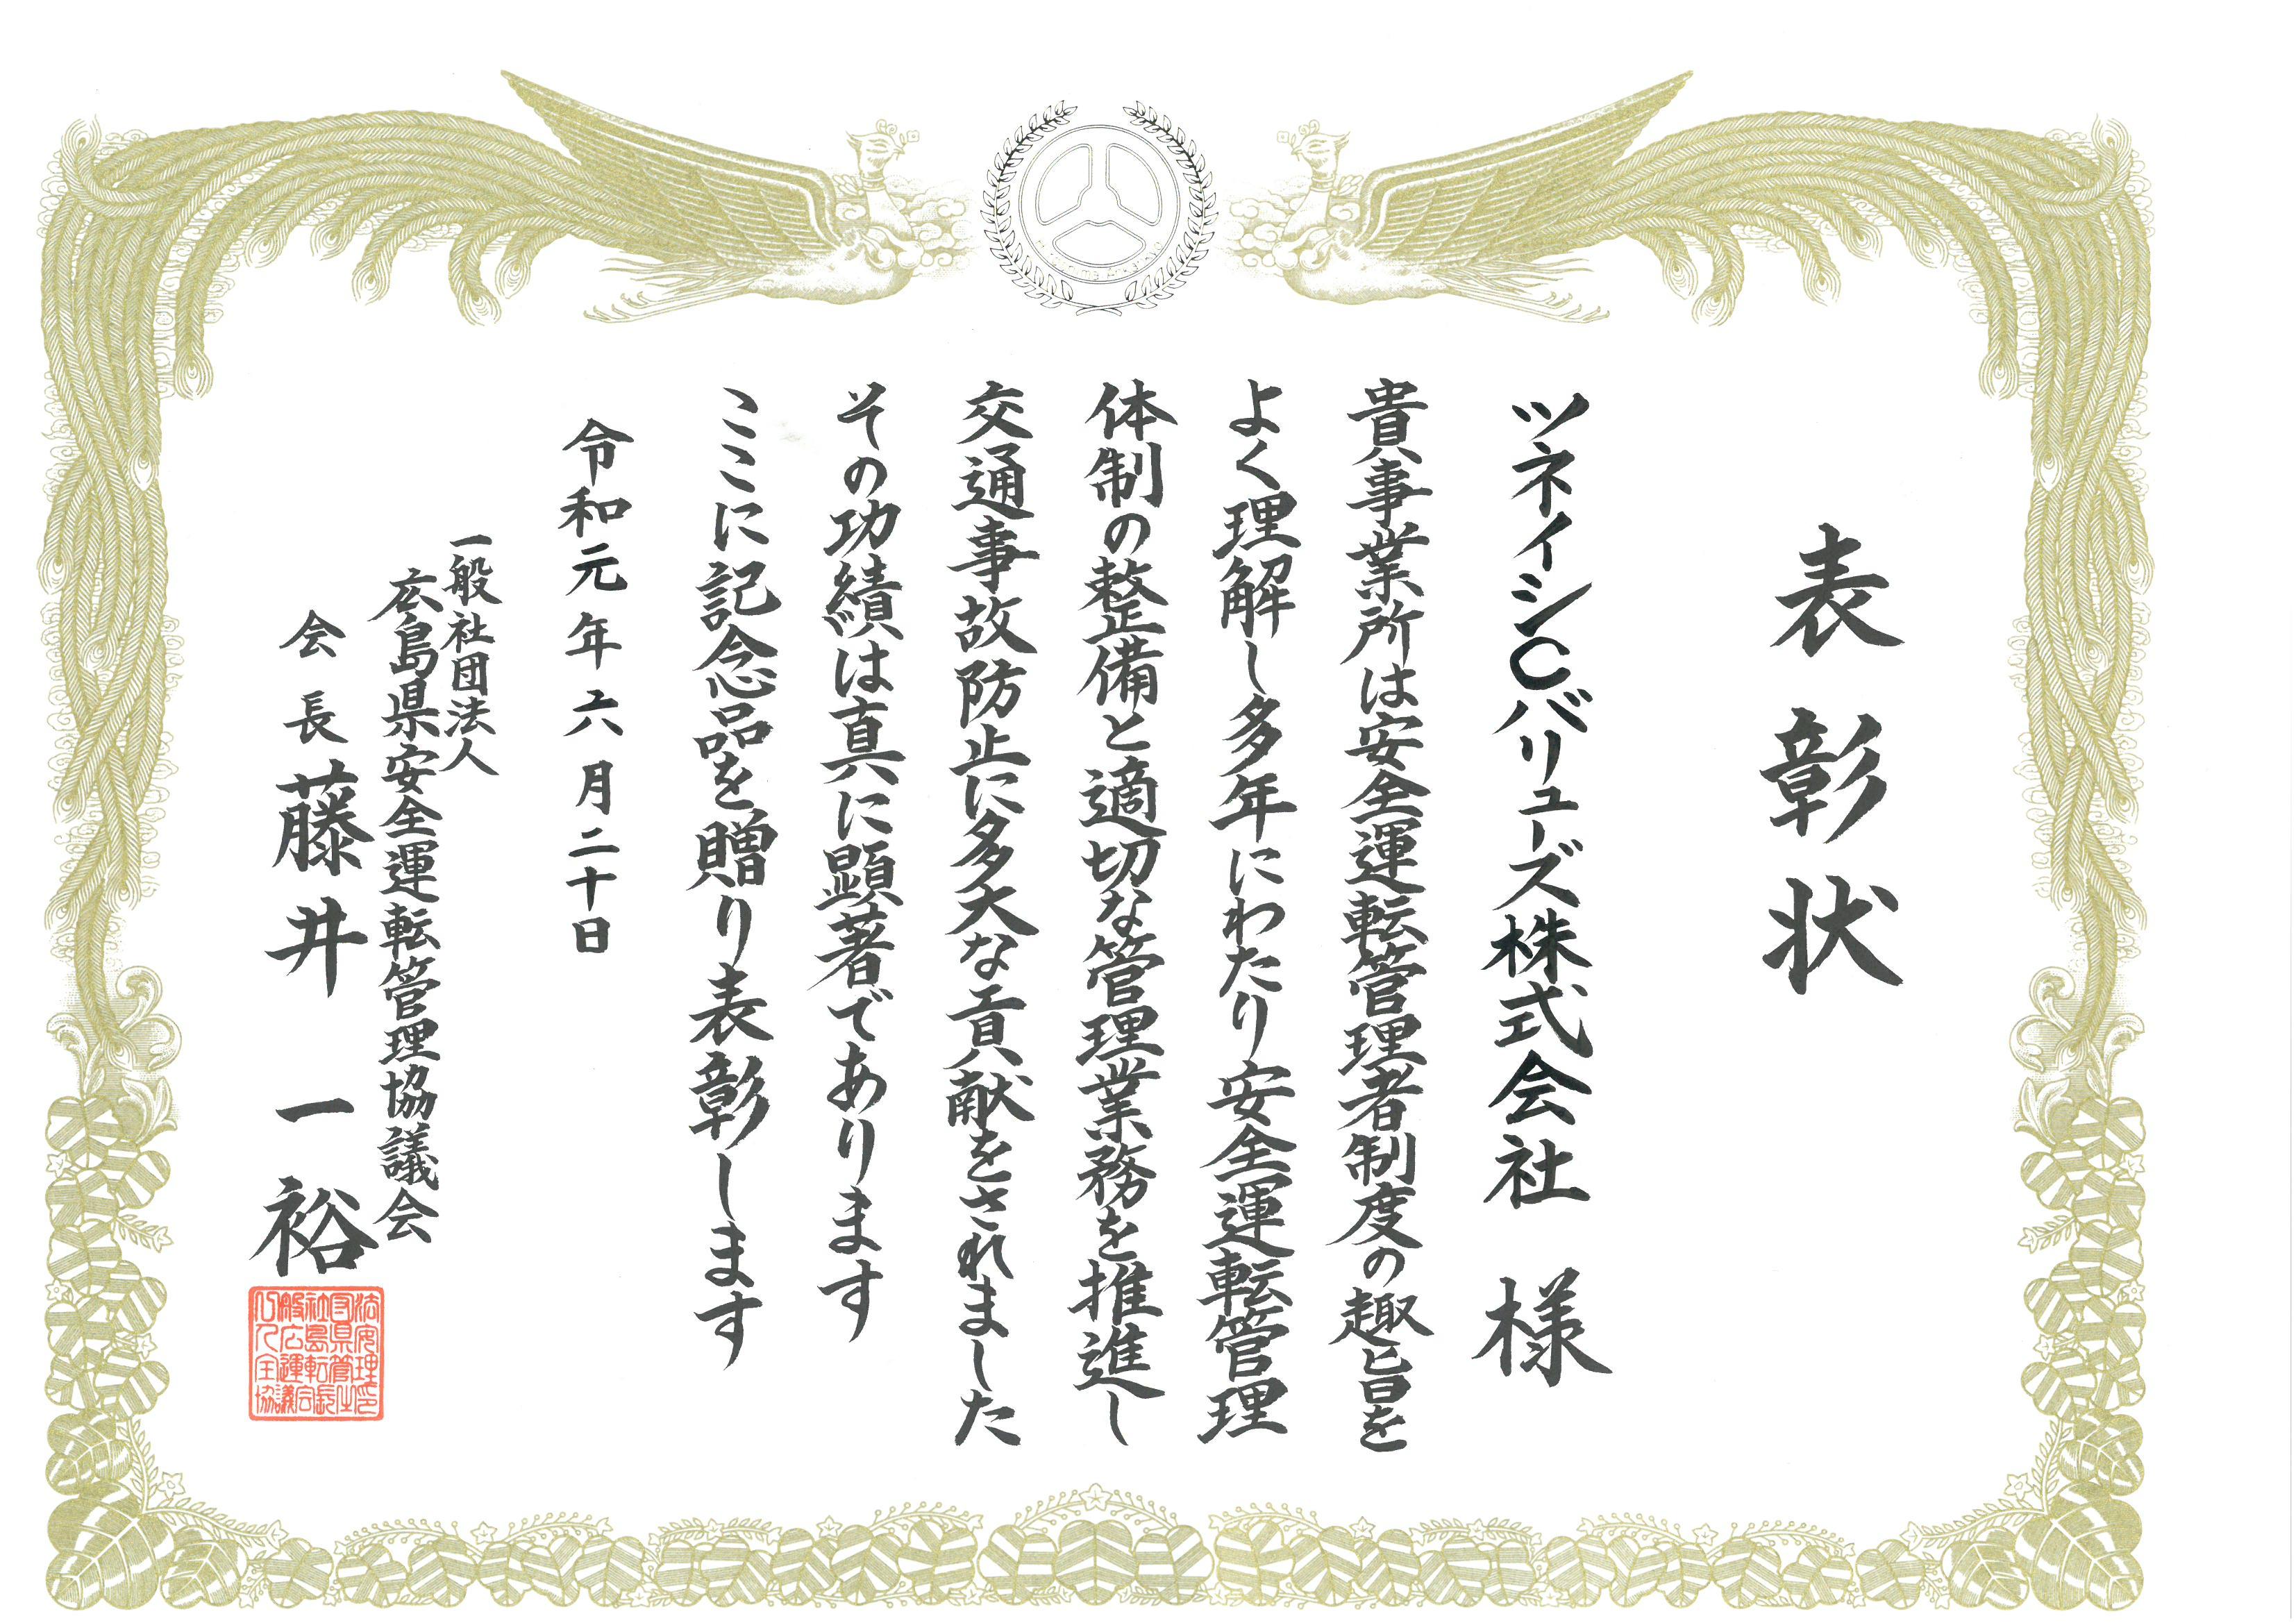 ツネイシCバリューズ 「広島県交通安全功労者等表彰式」にて優良事業所として表彰